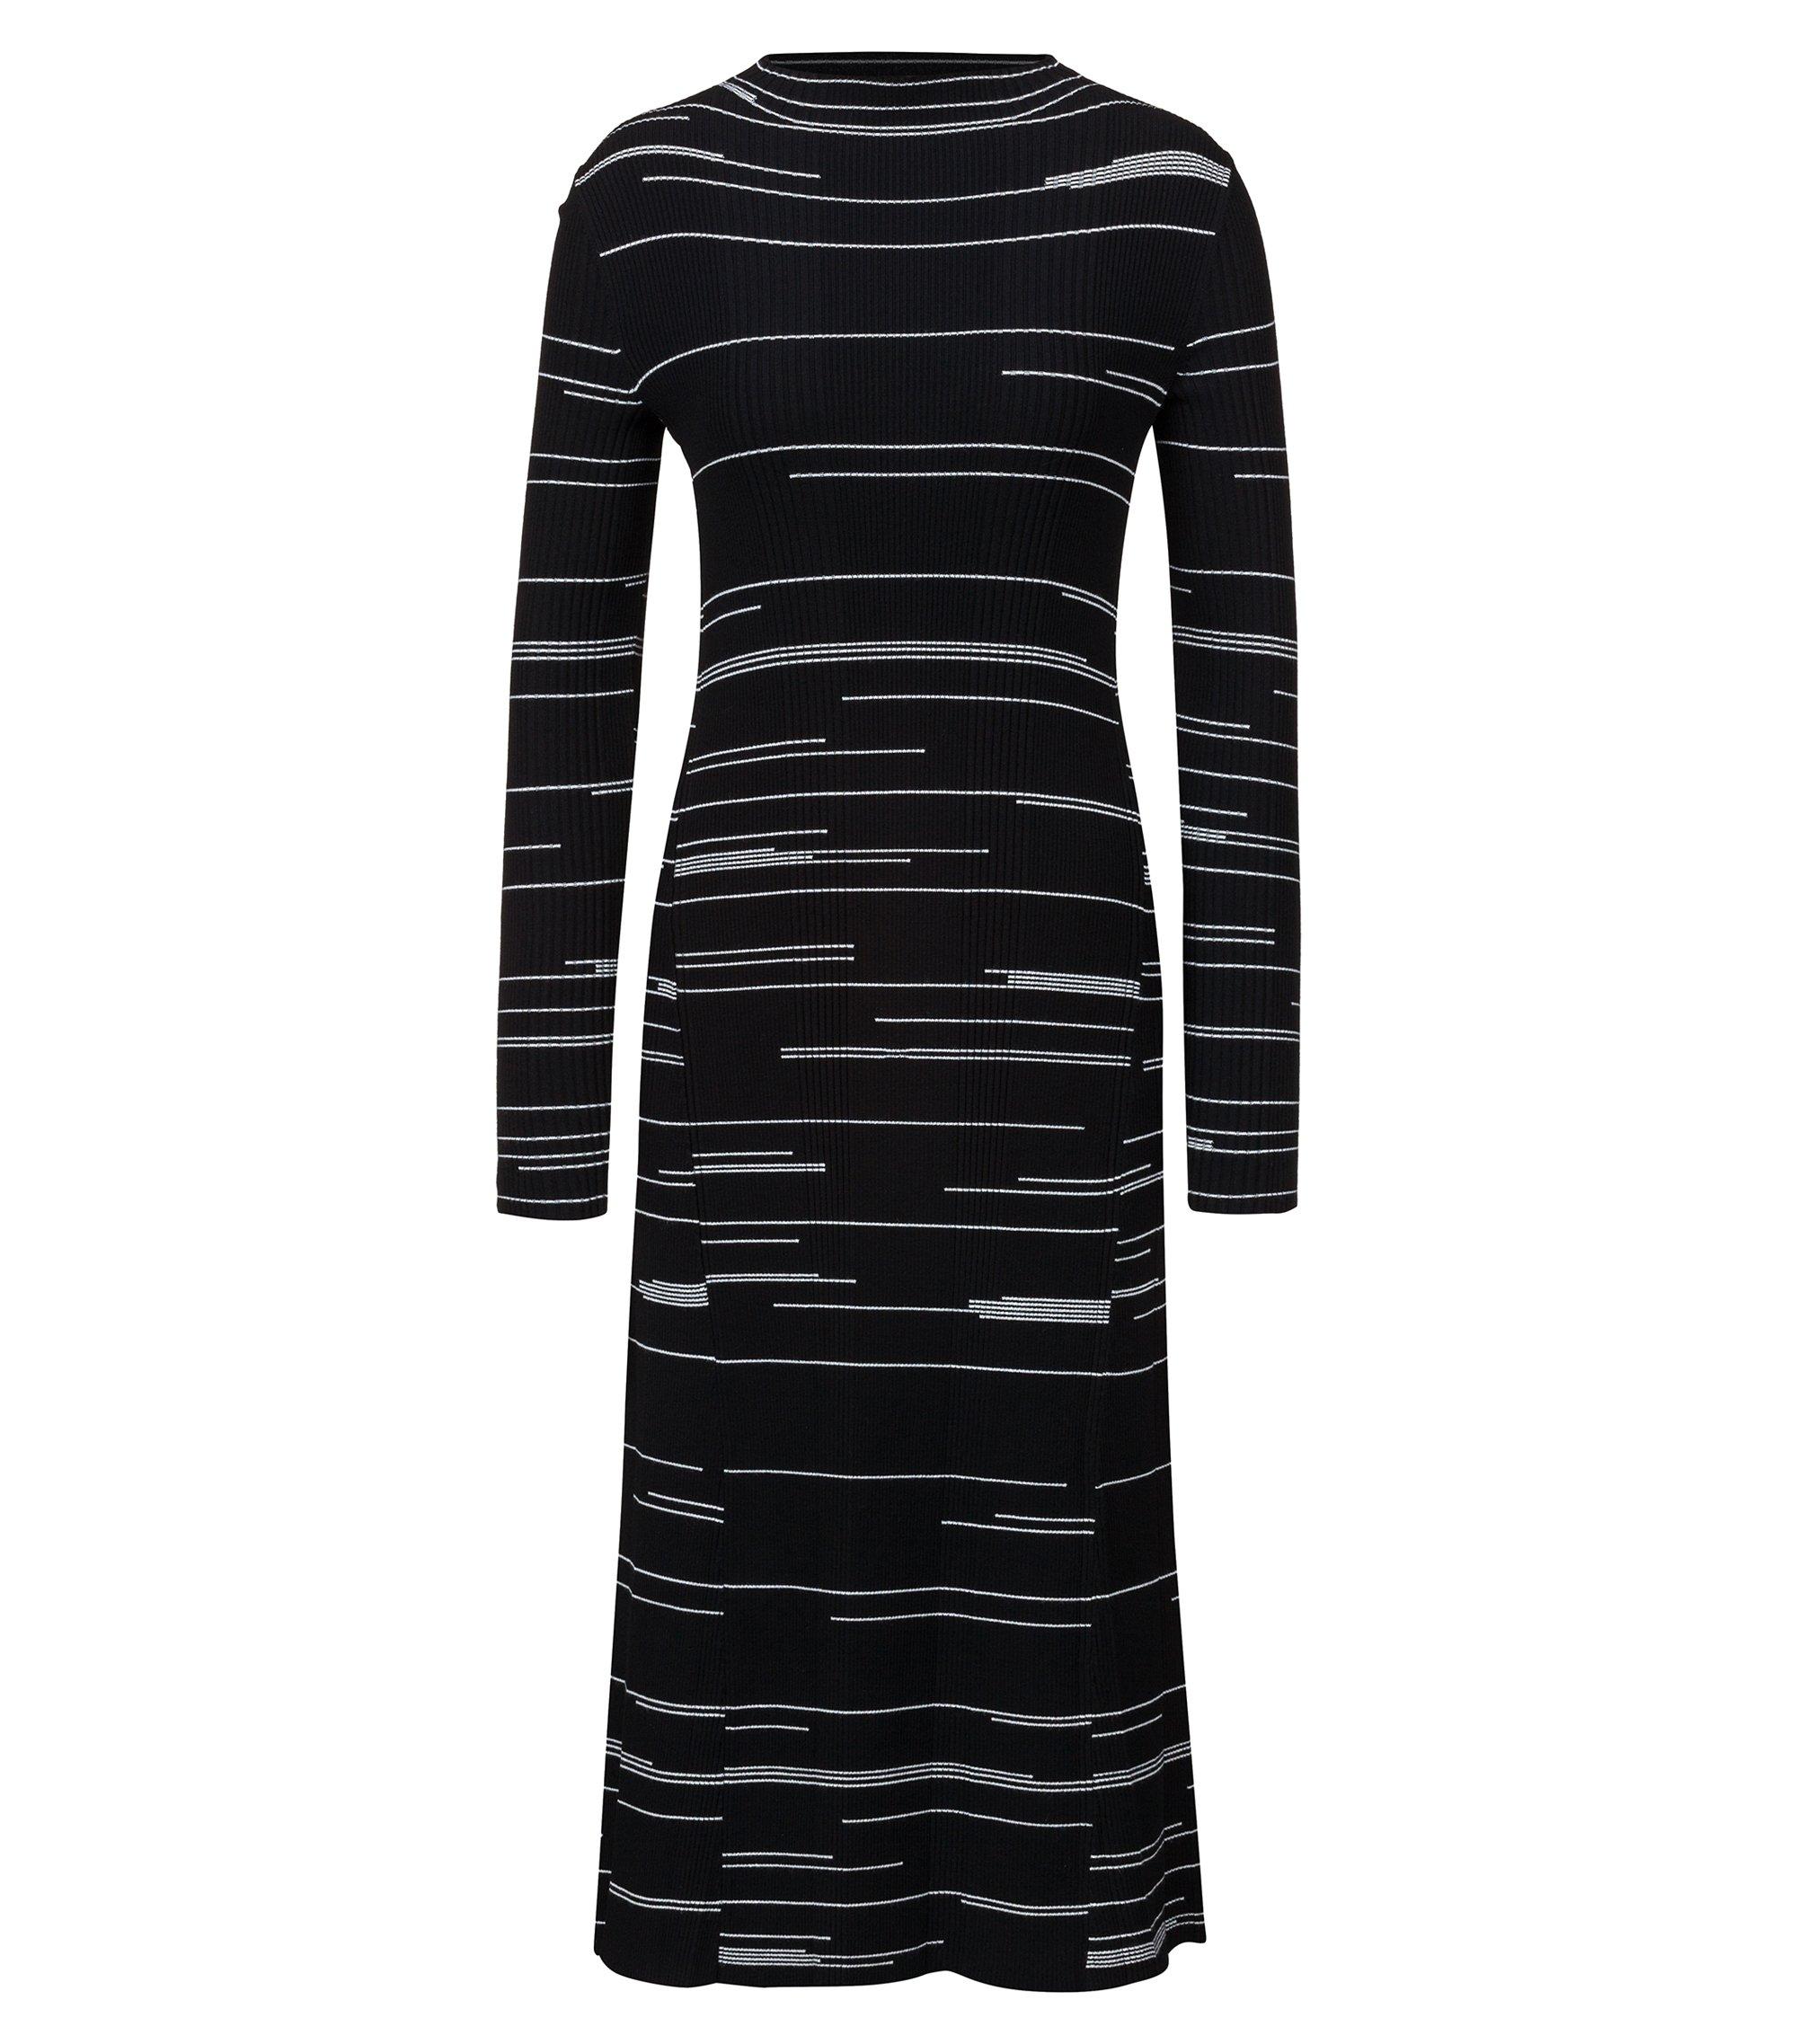 Vestito slim fit in tessuto elasticizzato a righe irregolari, A disegni